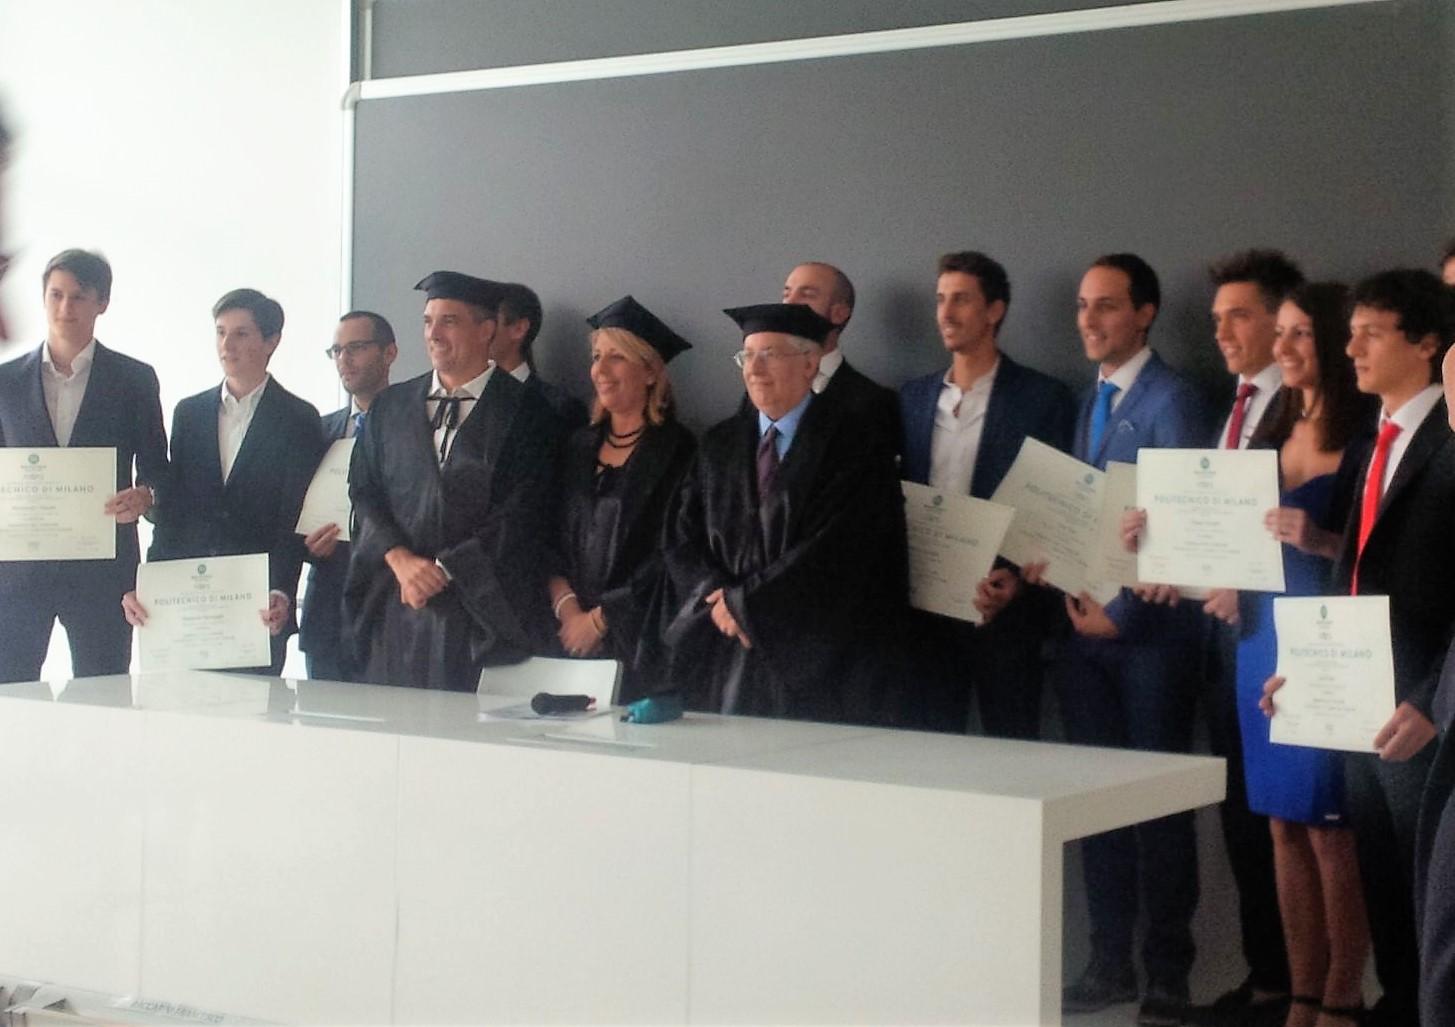 Ferrara premio estense cultura ilrestodelcarlino